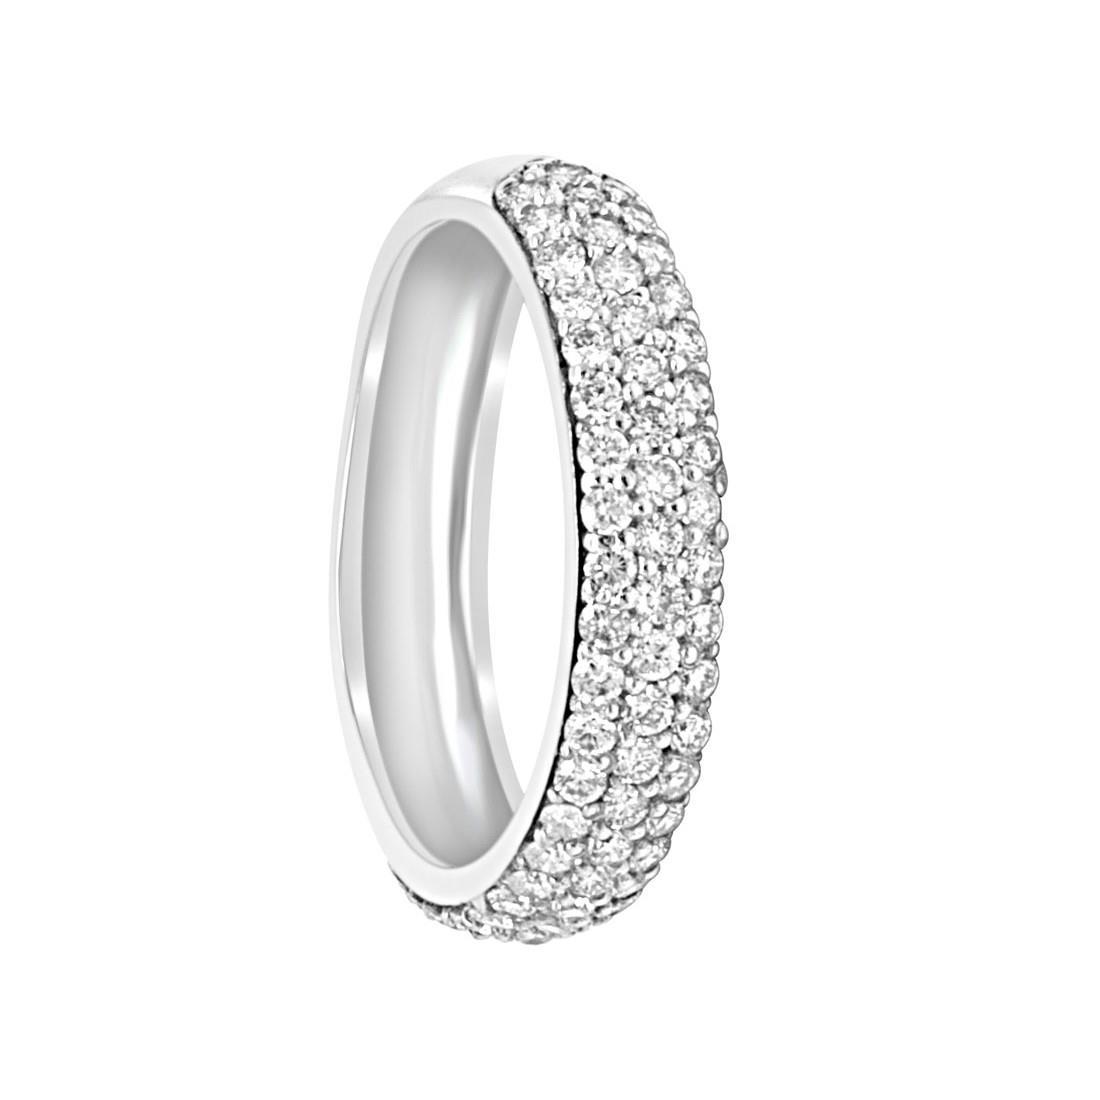 Anello in oro bianco con diamanti ct 0.80, misura 15,5 - ALFIERI & ST.JOHN